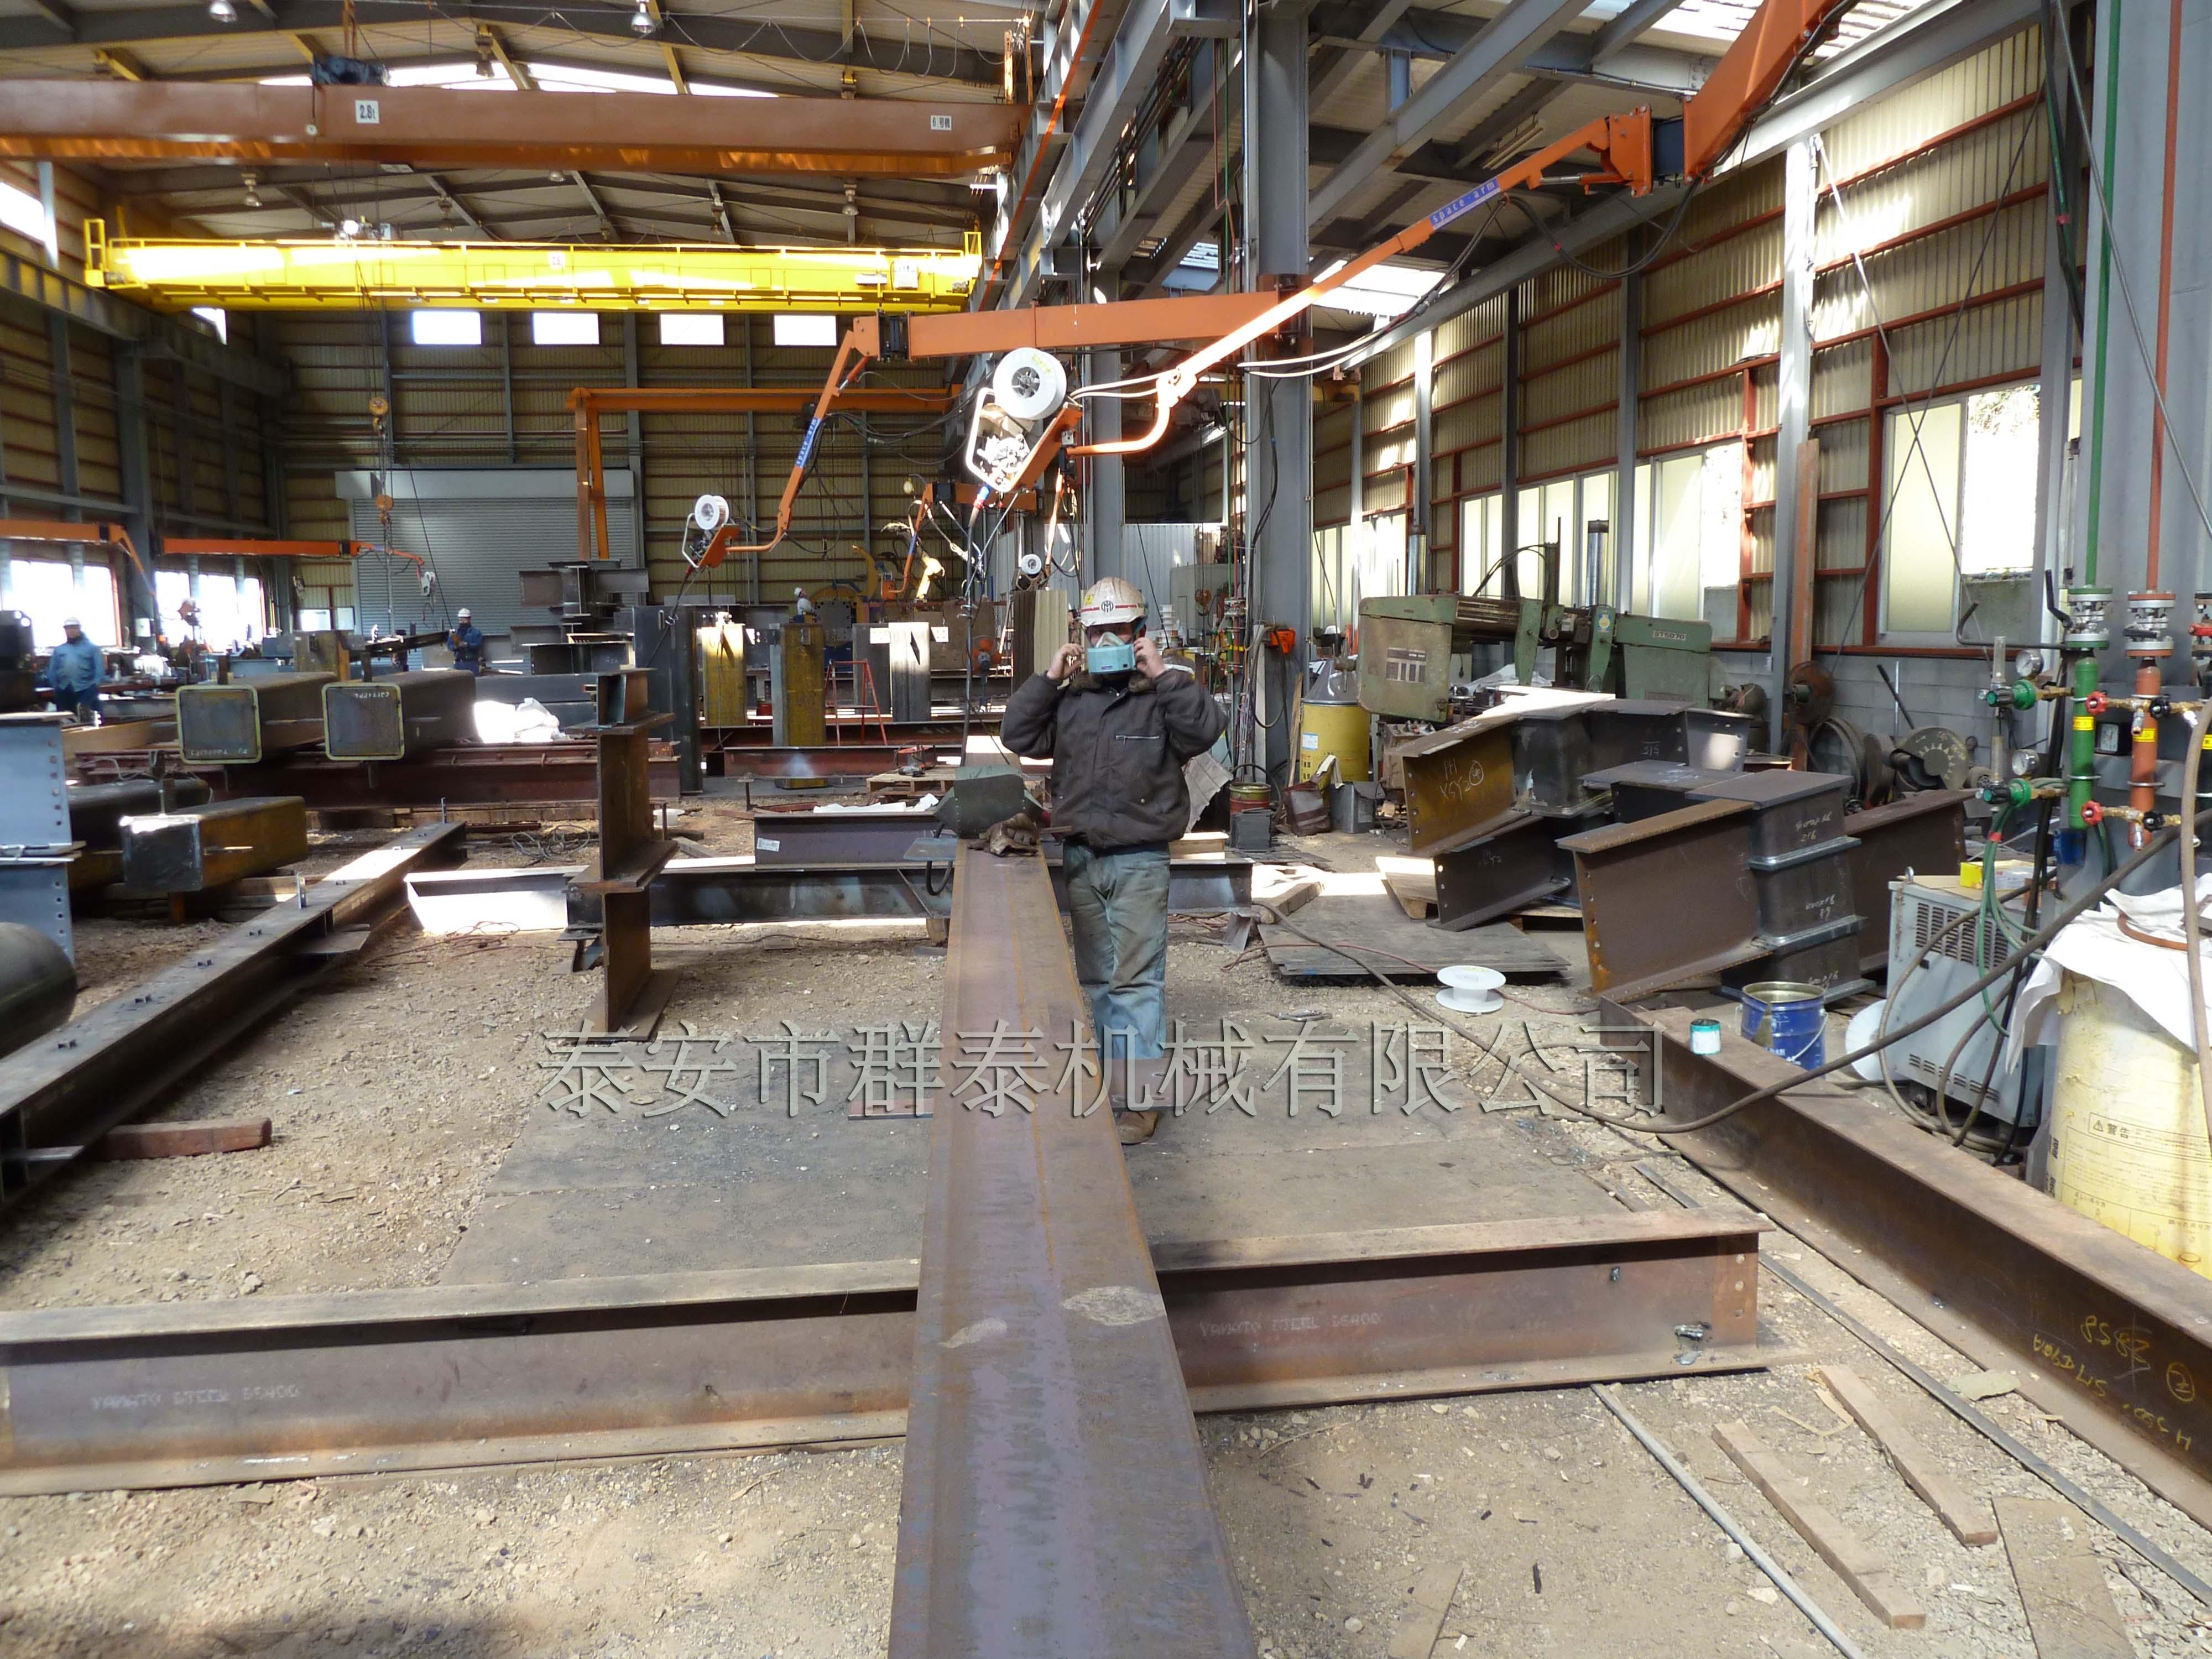 焊接支撐架 焊接輔機架